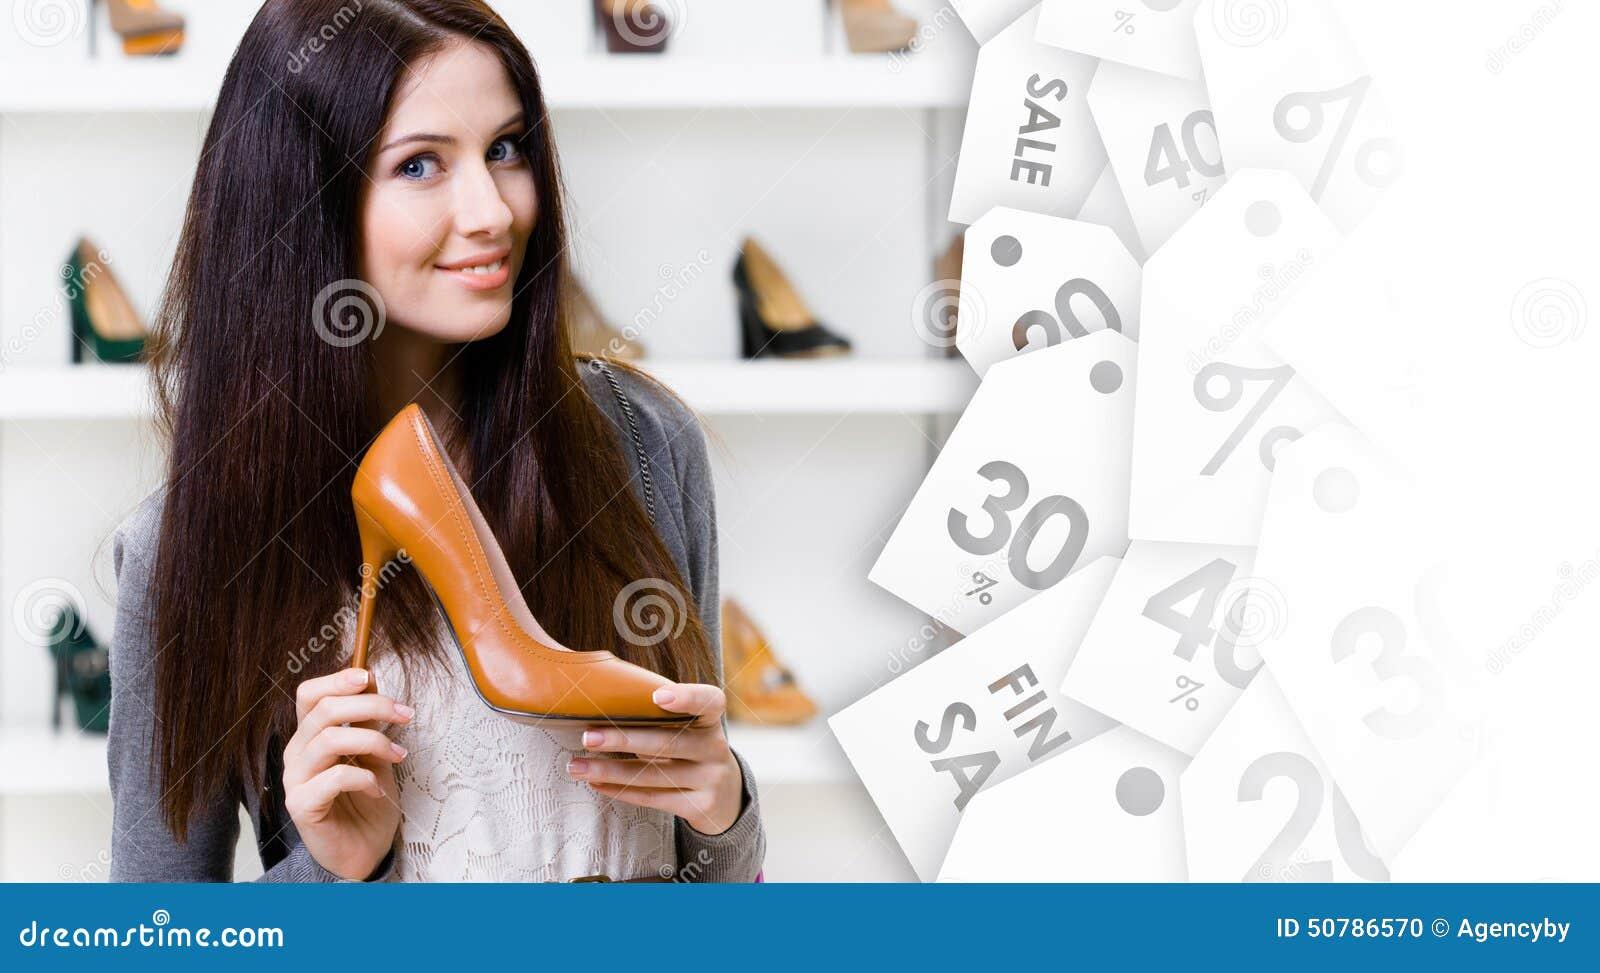 Den nätta kvinnan som håller höjdpunkt, heeled skon på utförsäljning